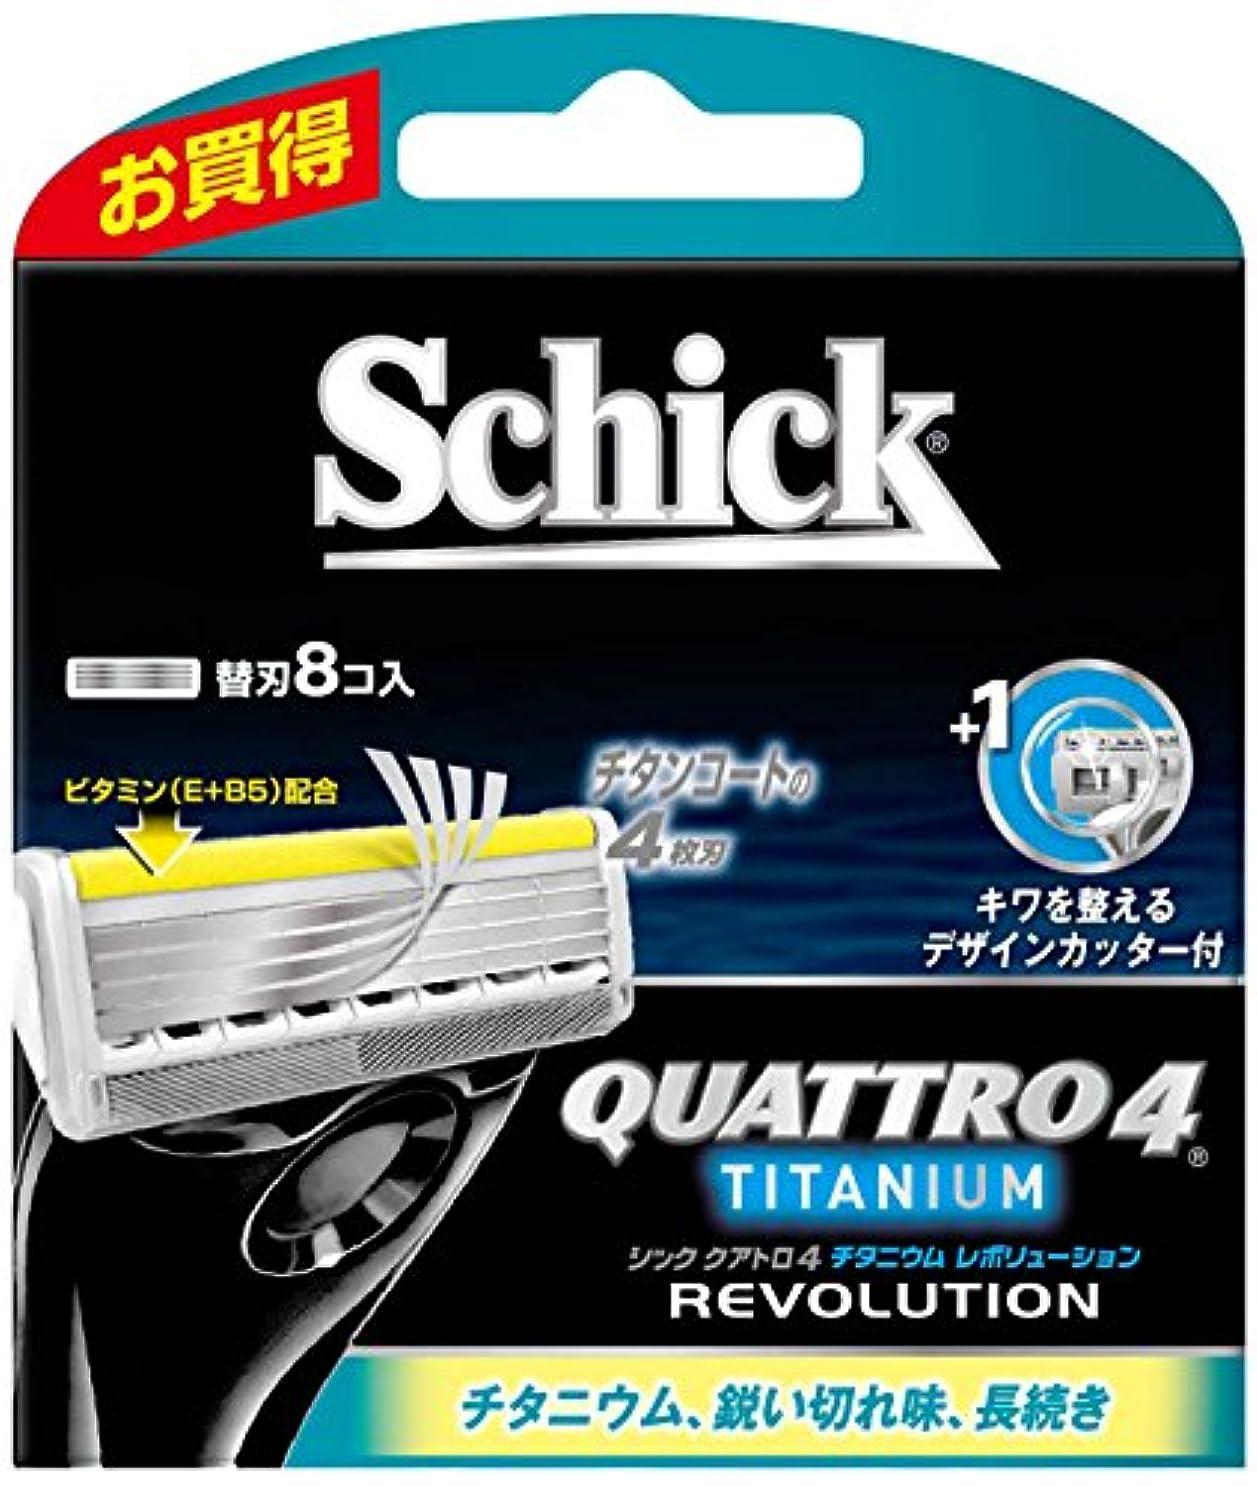 対抗差別オピエートシック Schick クアトロ4 4枚刃 チタニウムレボリューション 替刃 (8コ入)